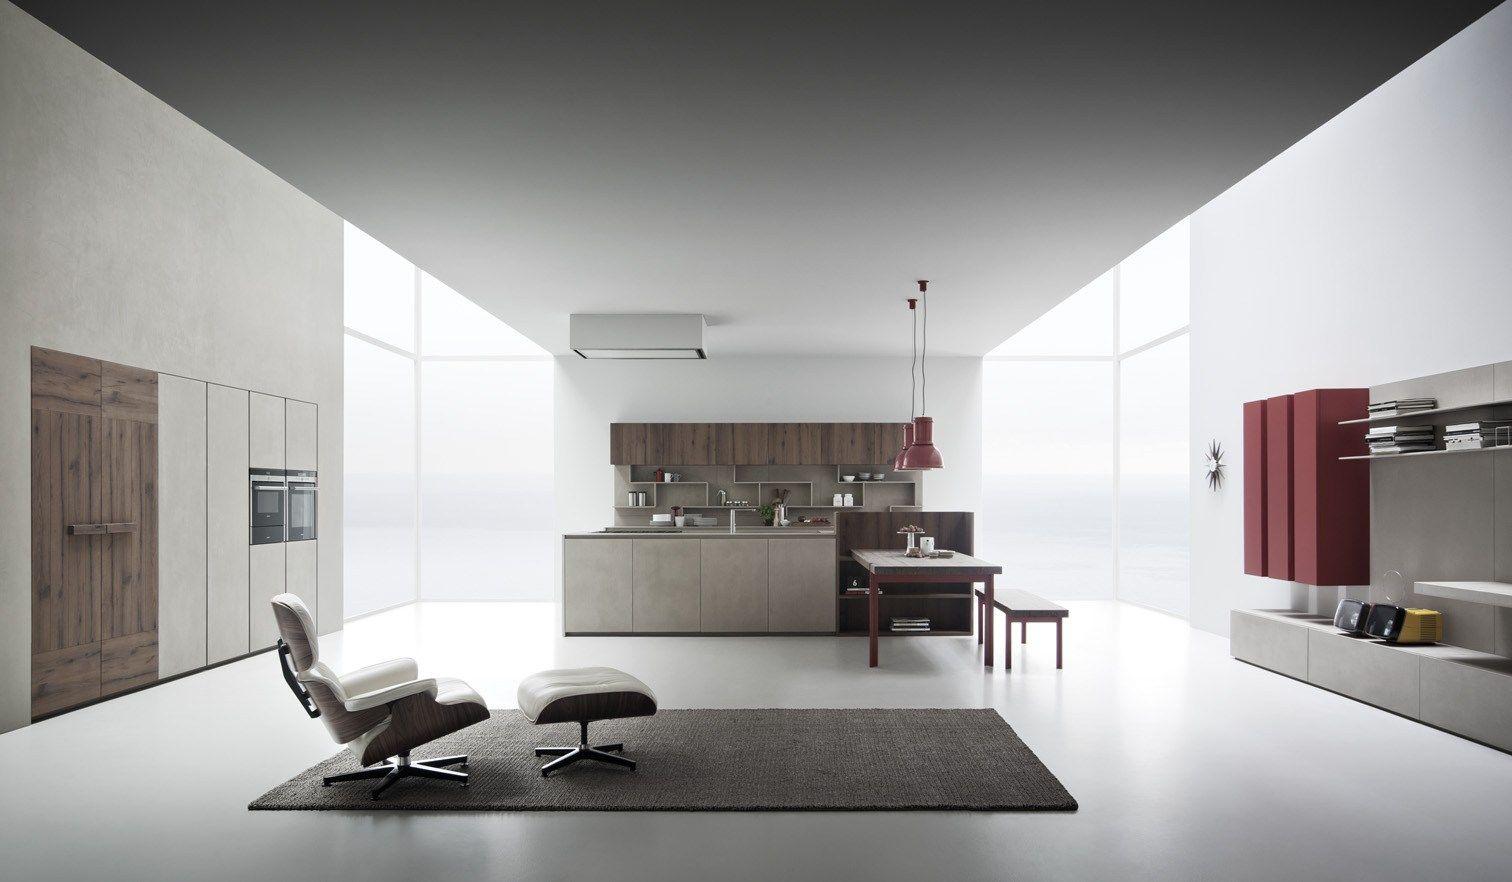 Resin Kitchen Floor Line K Kitchen With Island By Zampieri Cucine Design Stefano